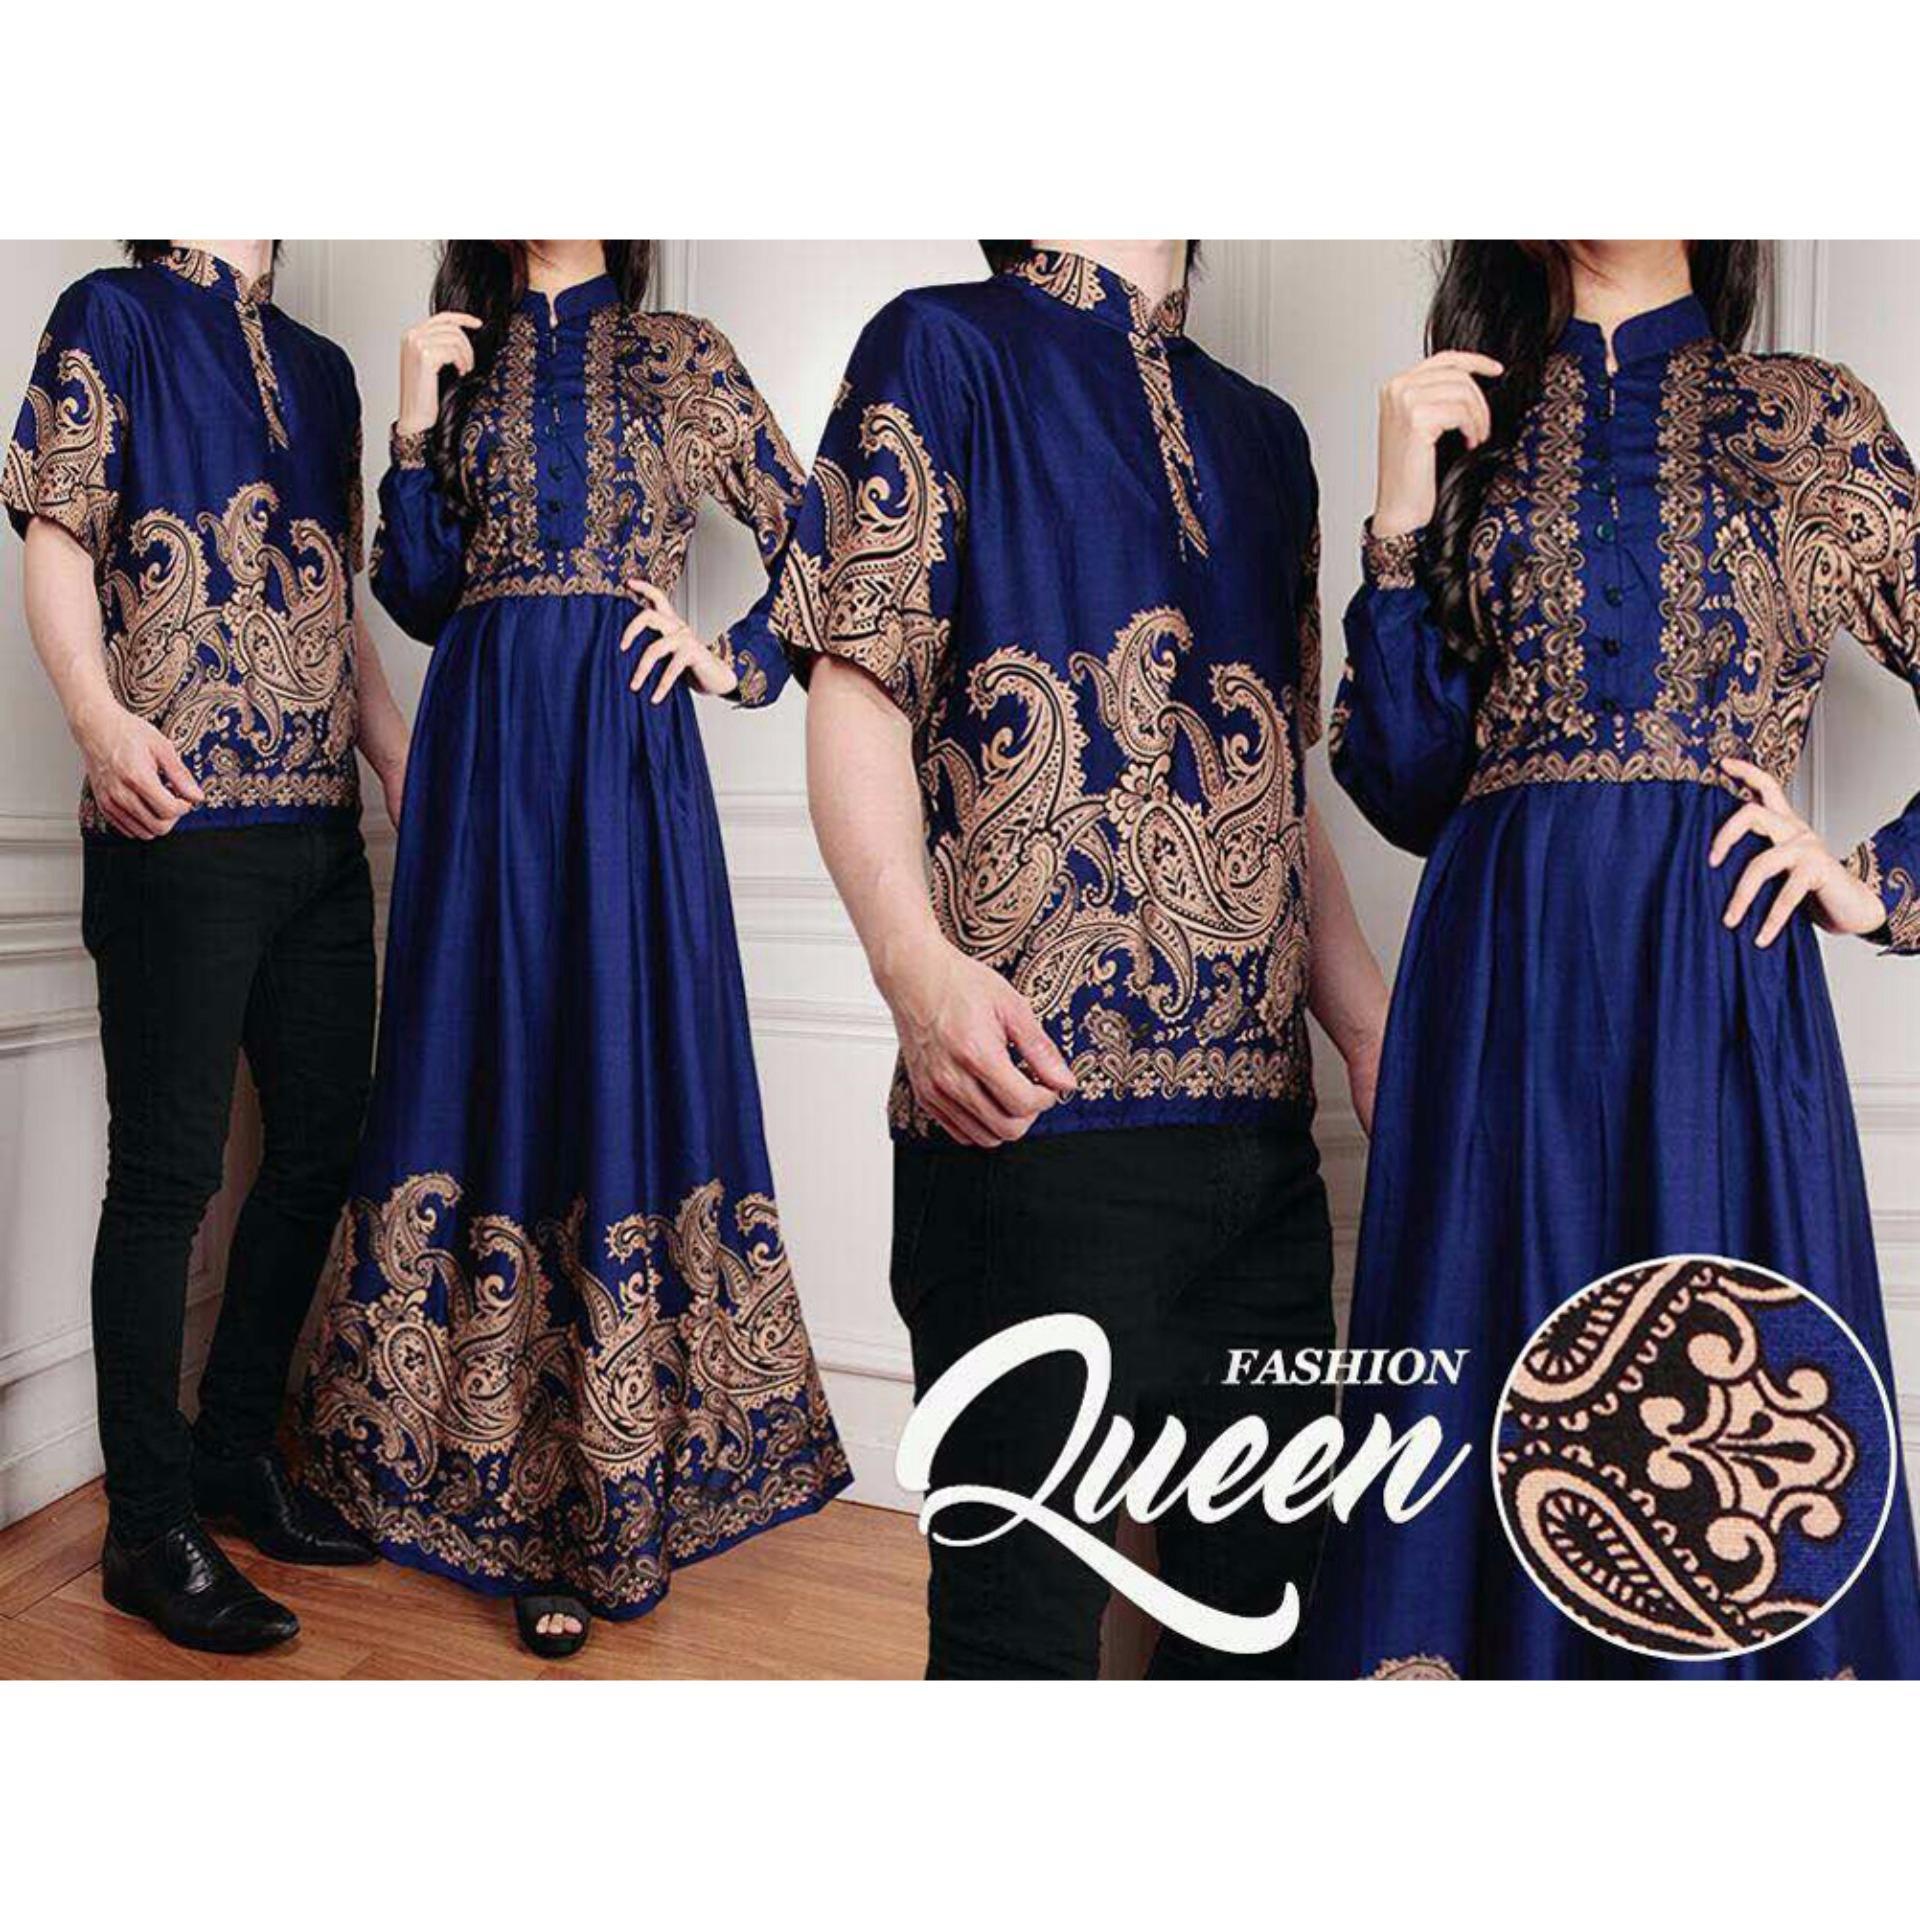 SR Collection Couple Batik Muslim Pria Wanita Queeny - Biru